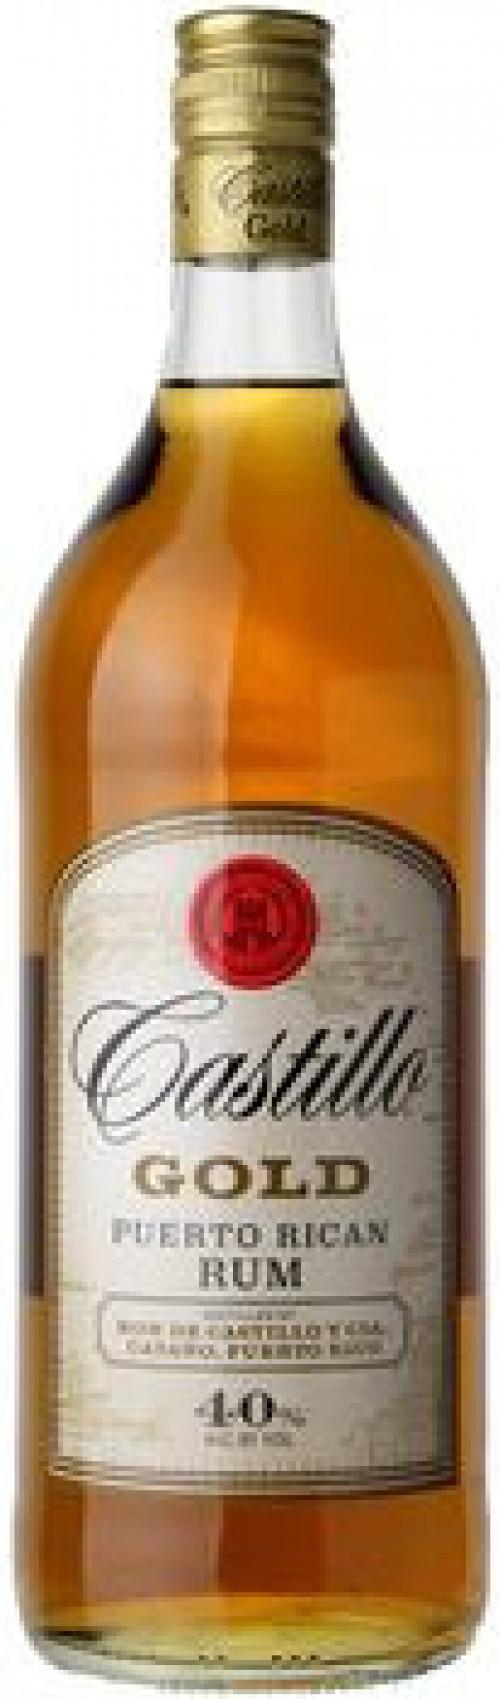 Castillo Gold Rum 1L